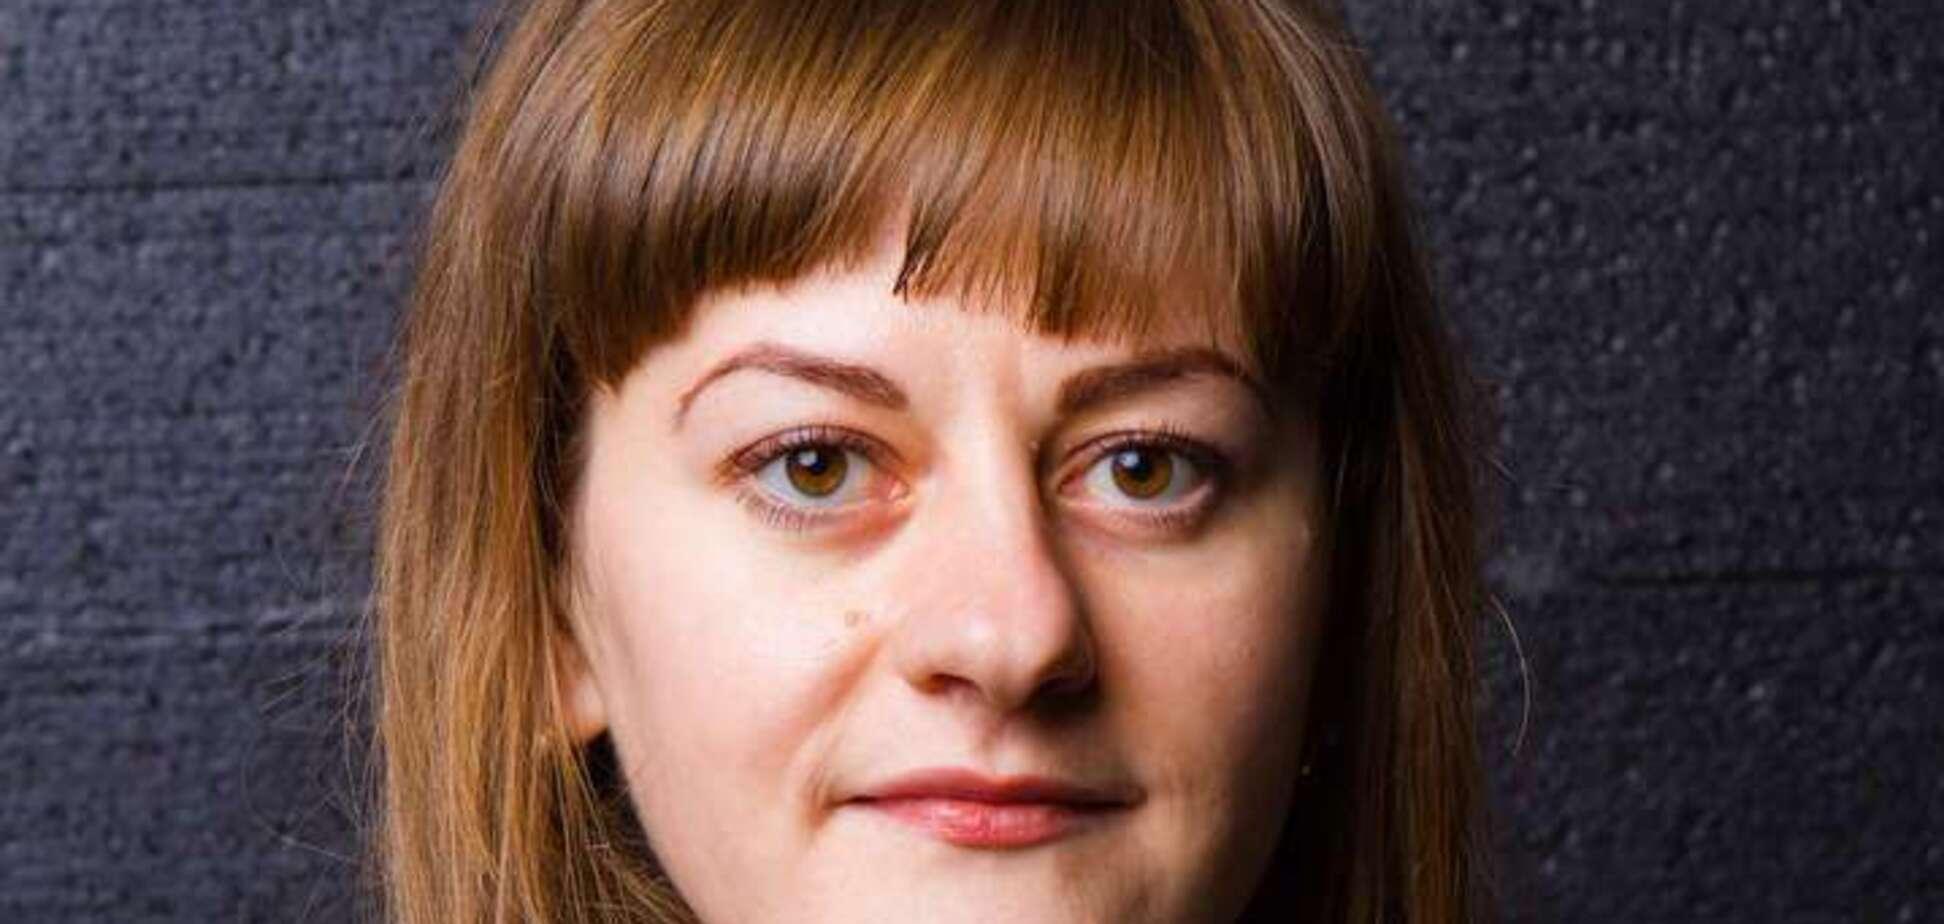 Зеленский назначил замглавы Службы внешней разведки женщину: кто она